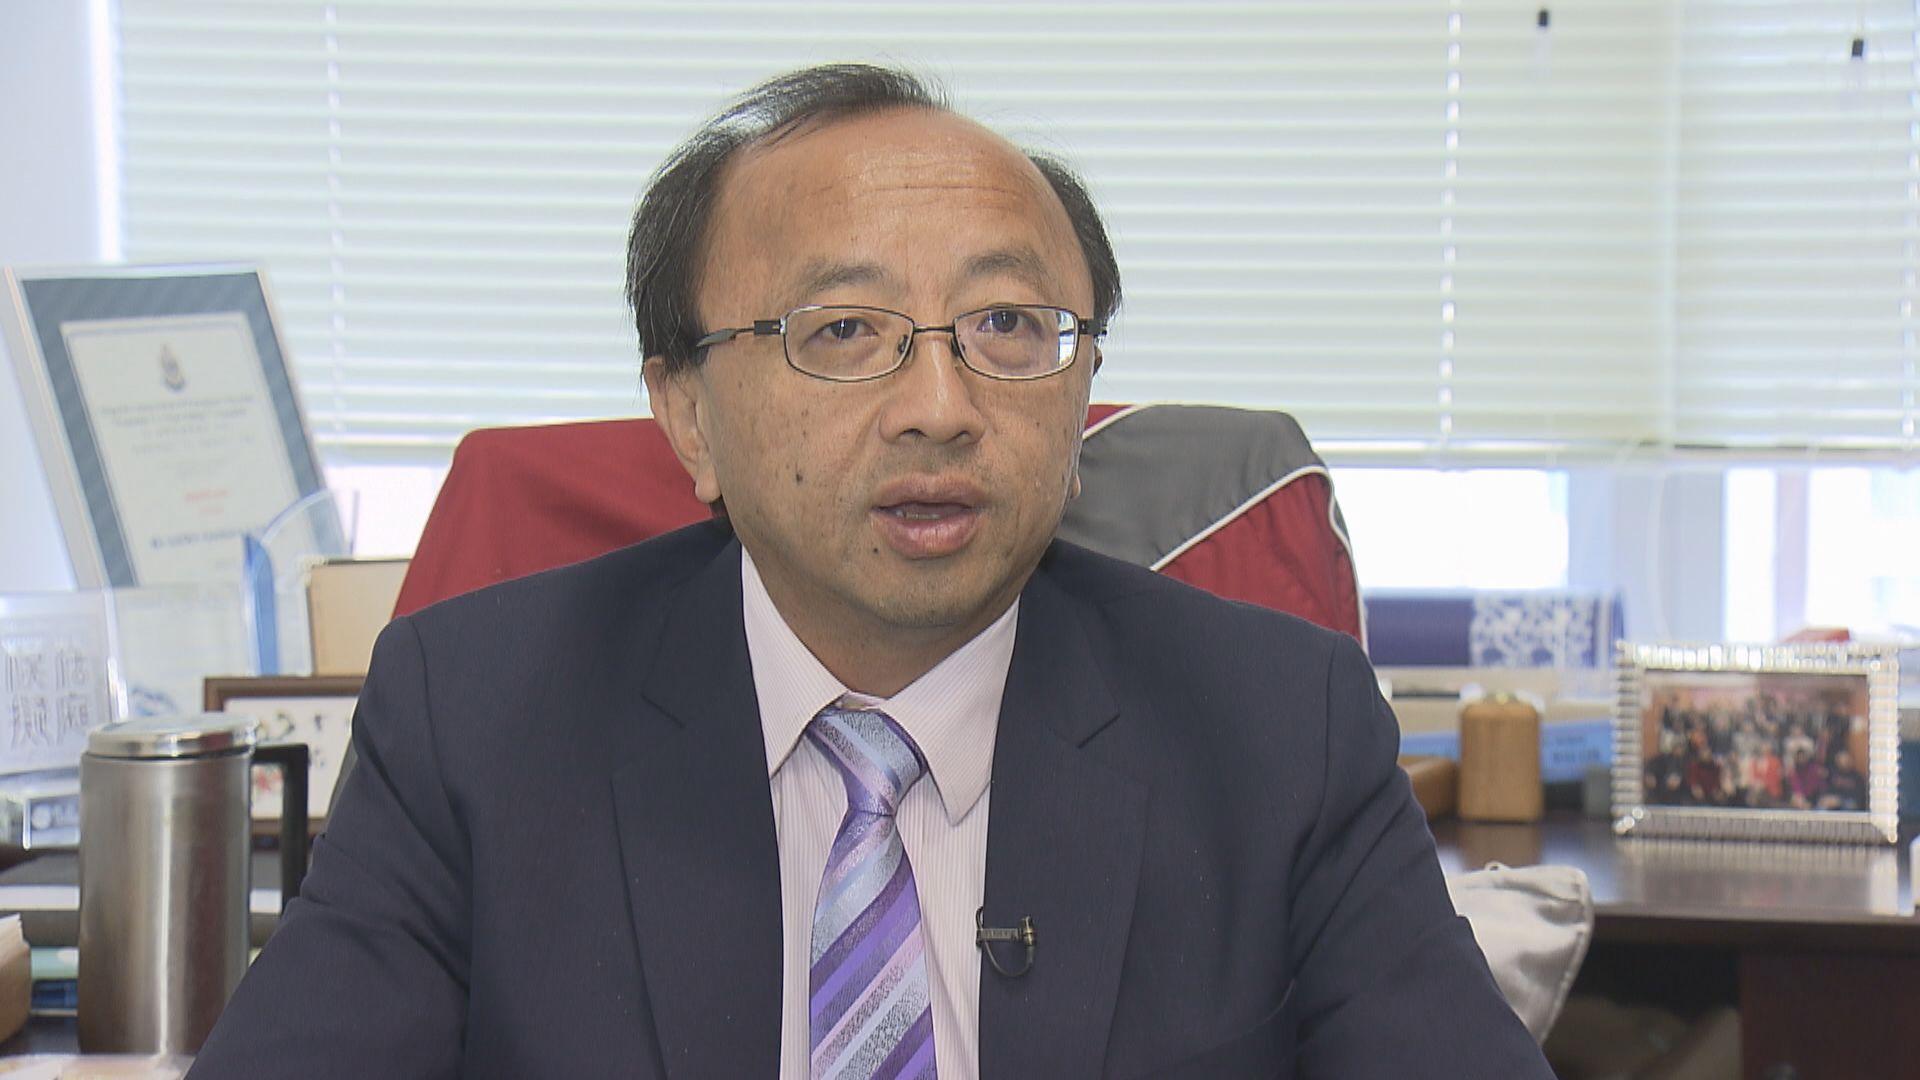 張達明:政府電話簿未獲警員同意亦違反禁制令